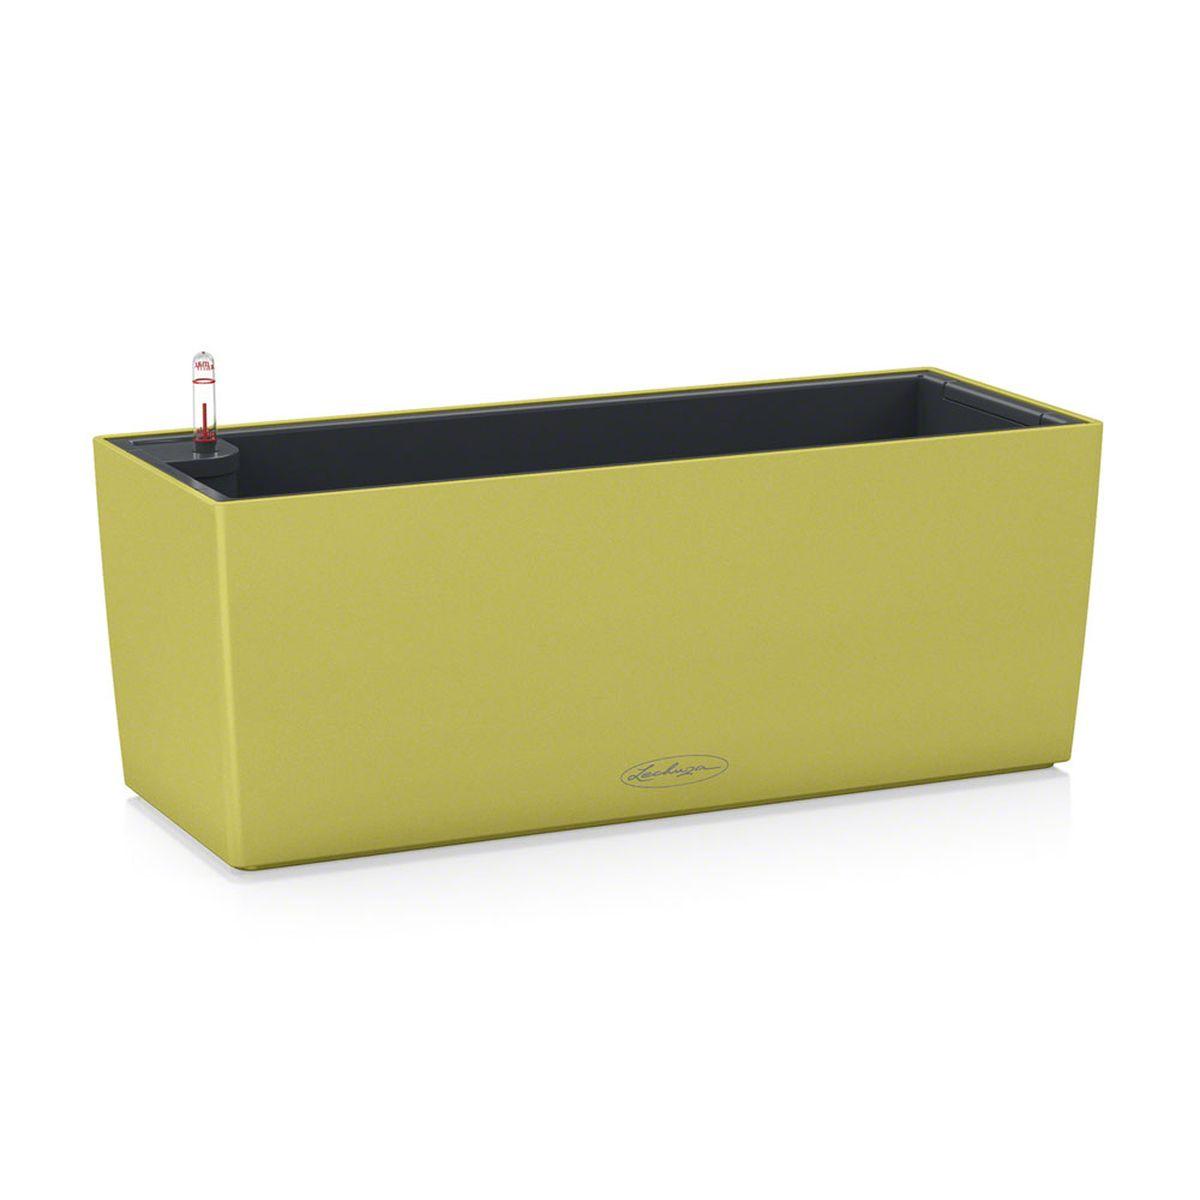 Кашпо Lechuza Balconera Color, с системой автополива, цвет: фисташковый, 50 х 19 х 19 смGPR10-04-WКашпо Lechuza Balconera Color, выполненное из высококачественного пластика, имеет уникальную систему автополива, благодаря которой корневая система растения непрерывно снабжается влагой из резервуара. Уровень воды в резервуаре контролируется с помощью специального индикатора. В зависимости от размера кашпо и растения воды хватает на 2-12 недель. Это способствует хорошему росту цветов и предотвращает переувлажнение.В набор входит: кашпо, внутренний горшок, индикатор уровня воды, резервуар для воды, балконный держатель.Кашпо Lechuza Balconera Color - превосходное решение для балкона. Оно прекрасно украсит любой интерьер, поможет расставить нужные акценты, а также придаст помещению вид, соответствующий вашим представлениям.